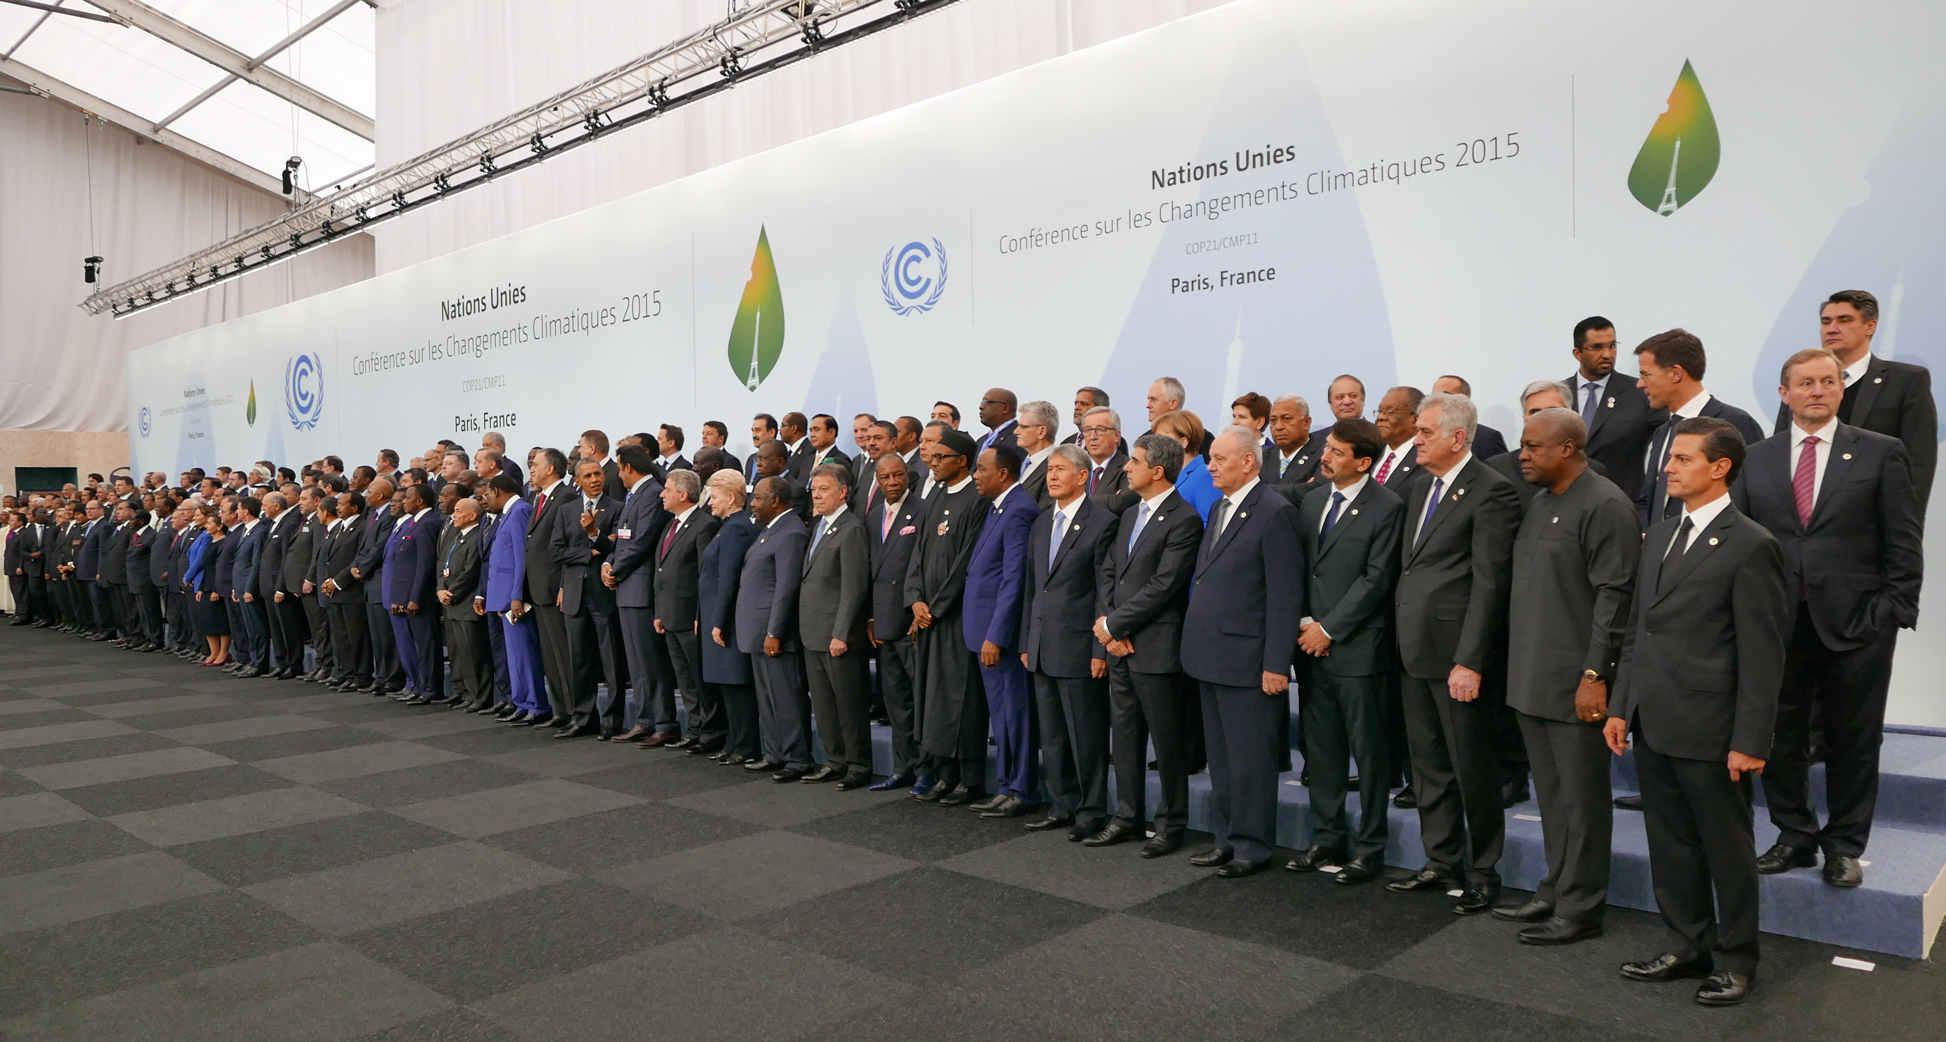 tutti gli esponenti dei paesi ratificanti, Obama esponente U.S.A. in prima fila nel mezzo